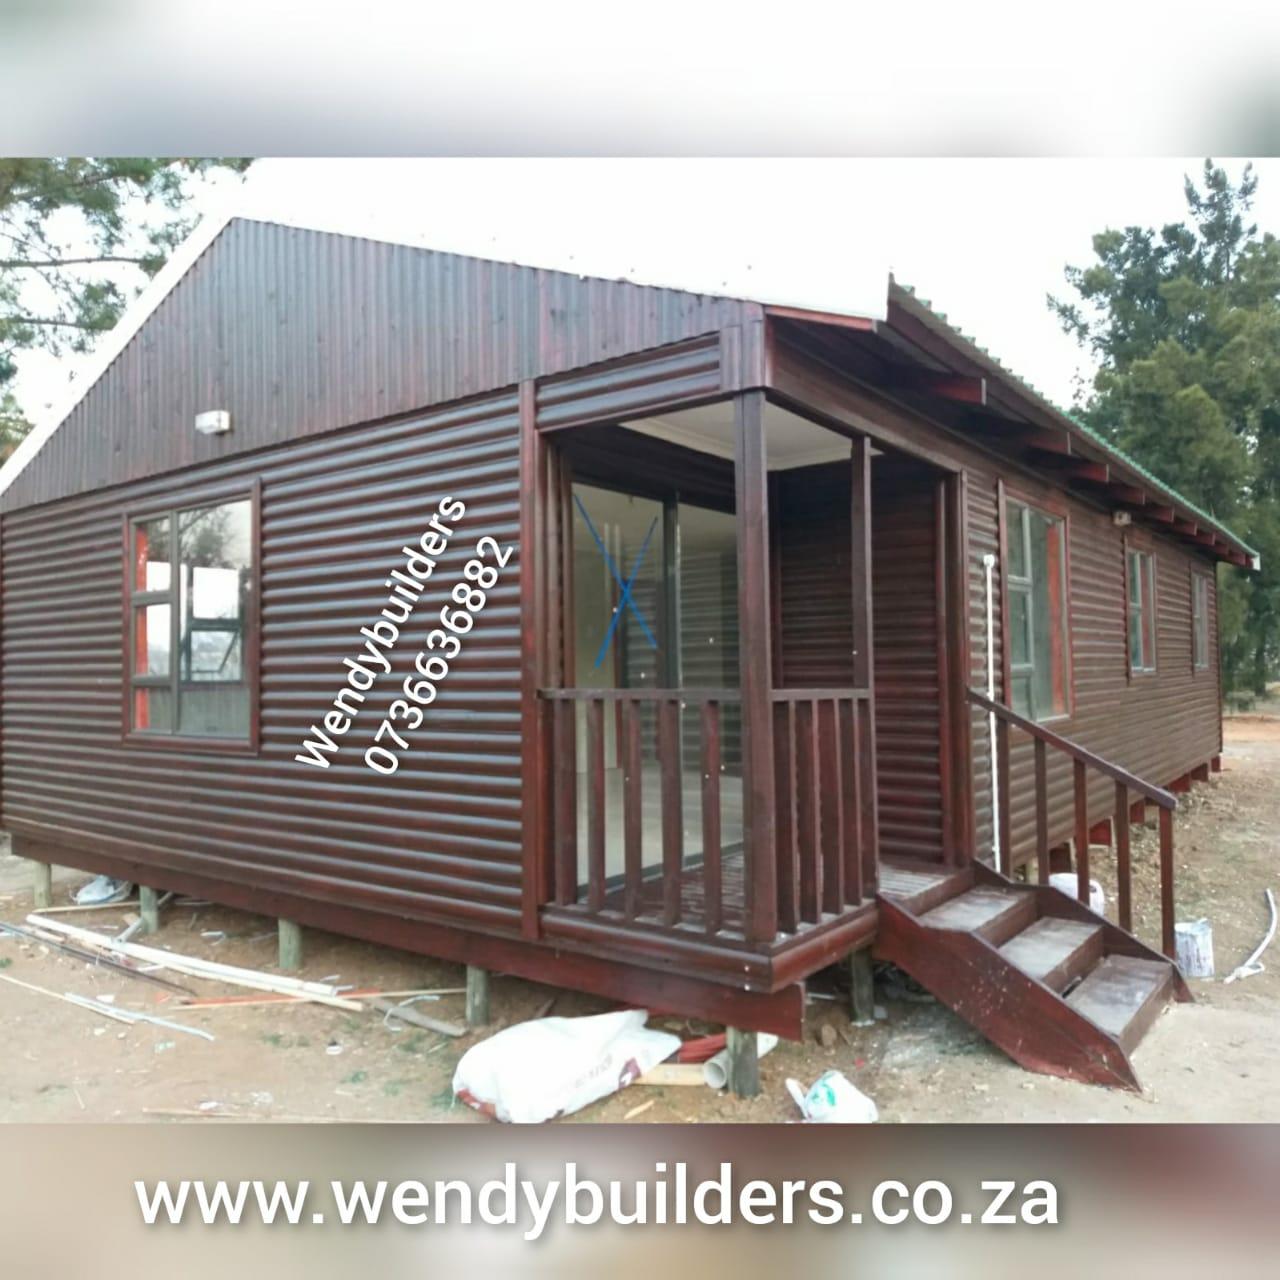 Wendy Builders